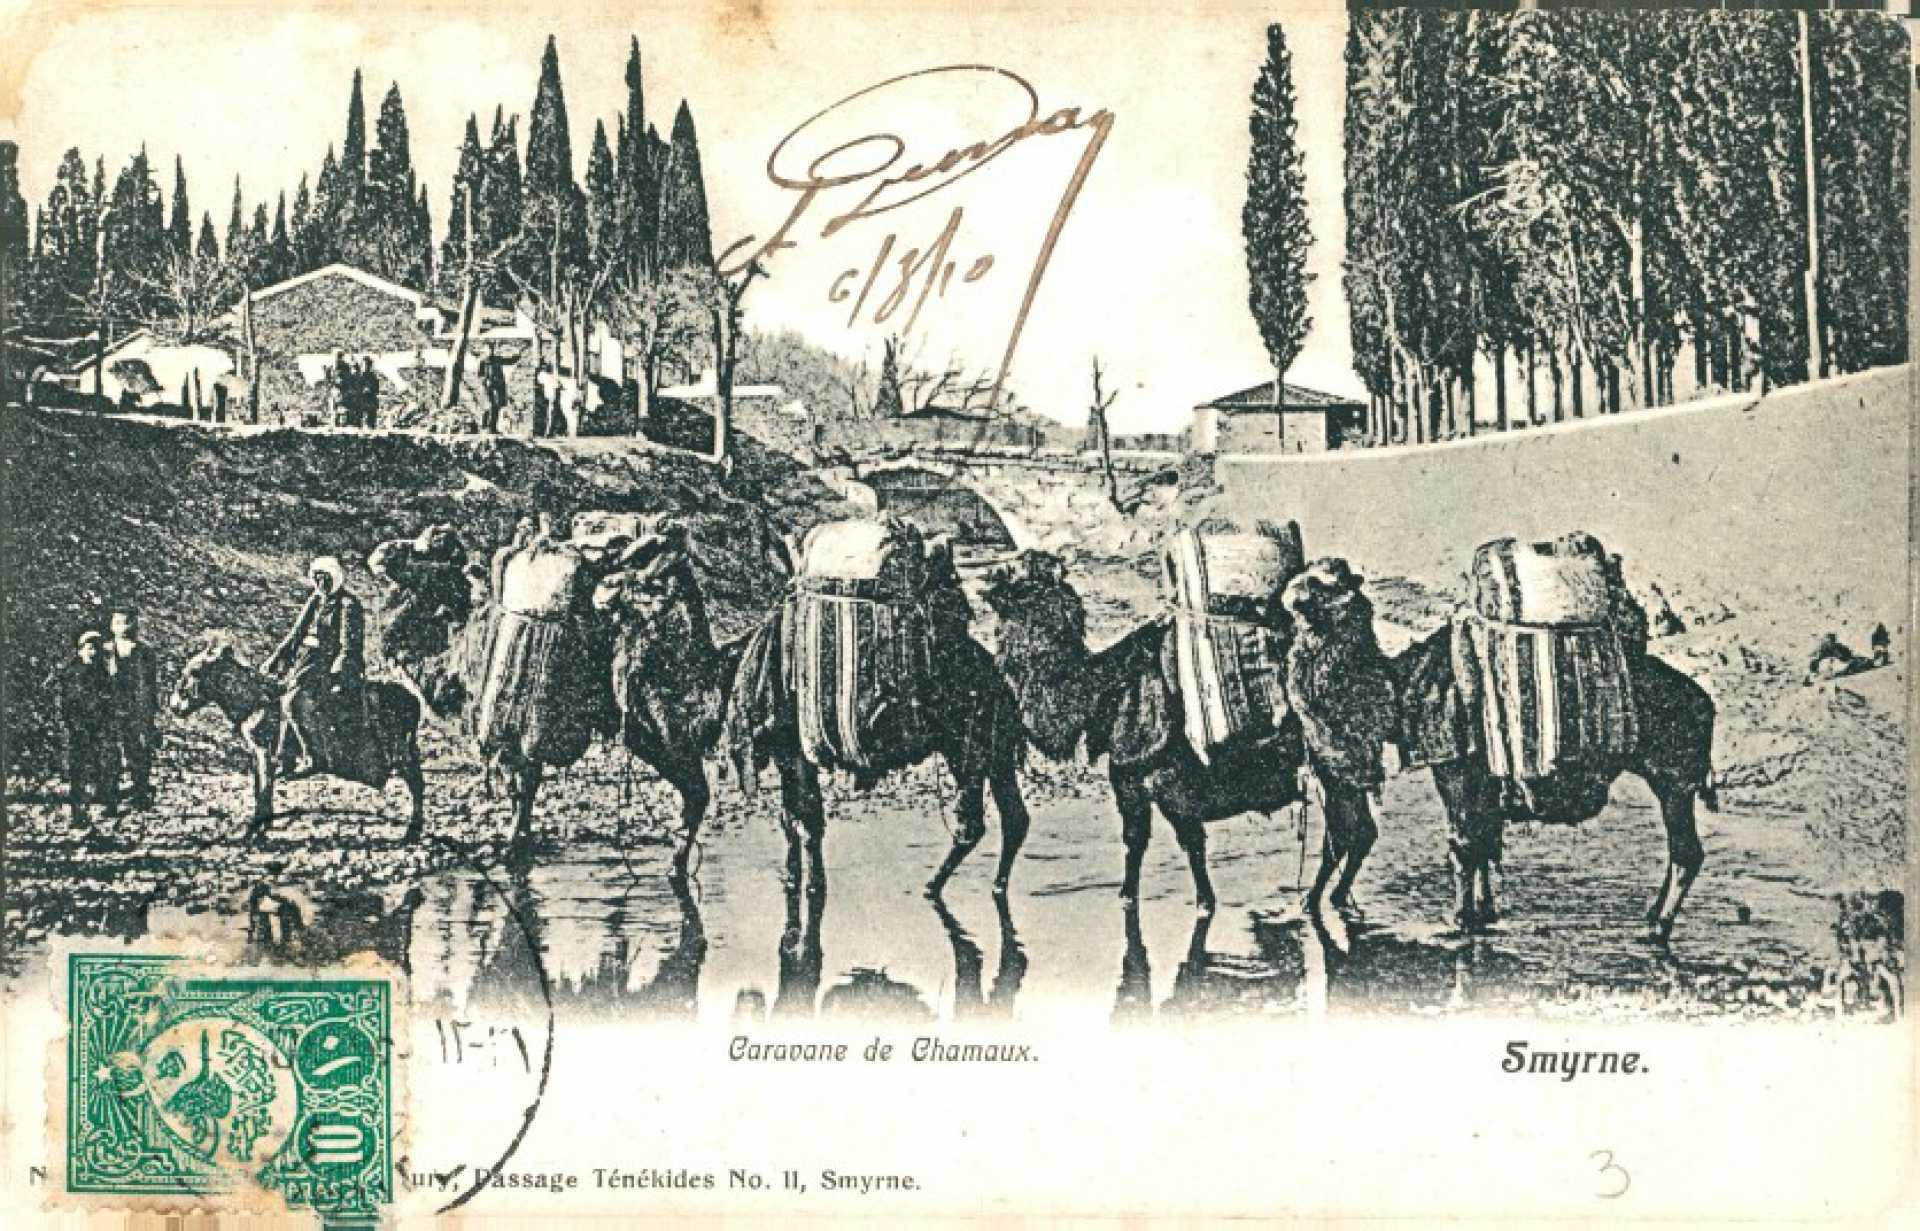 Caravane de Chamaux